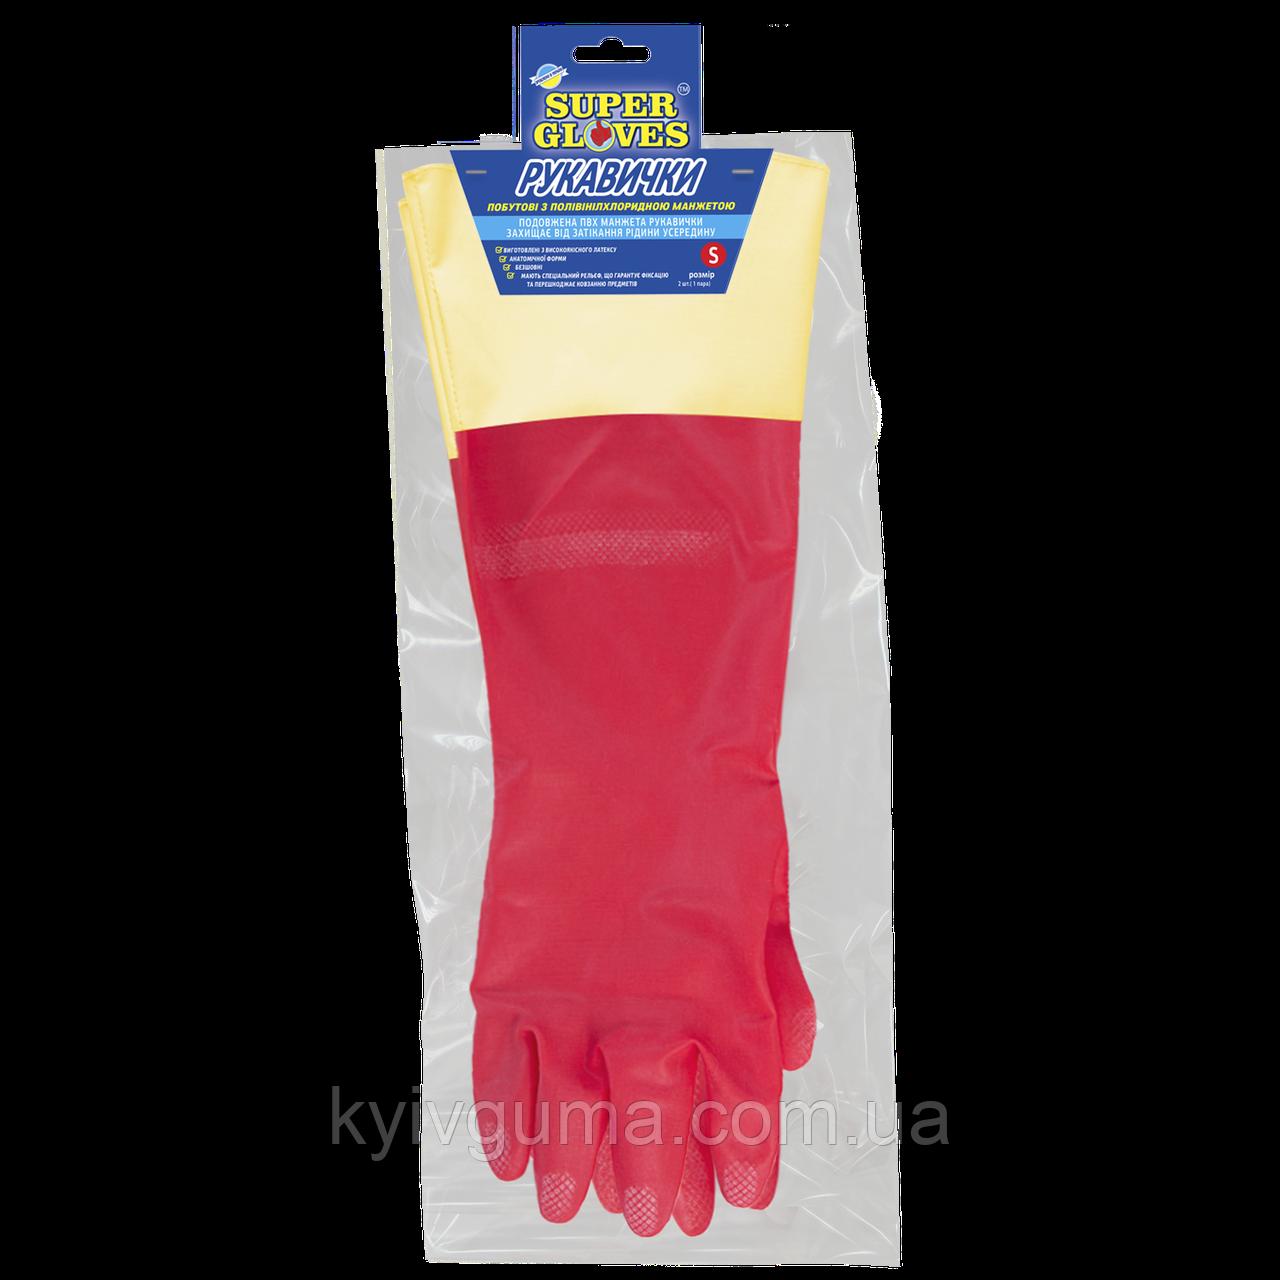 Рукавиці побутові з подовженою ПВХ-манжетою (Перчатки бытовые с удлиненной ПВХ-манжетой)